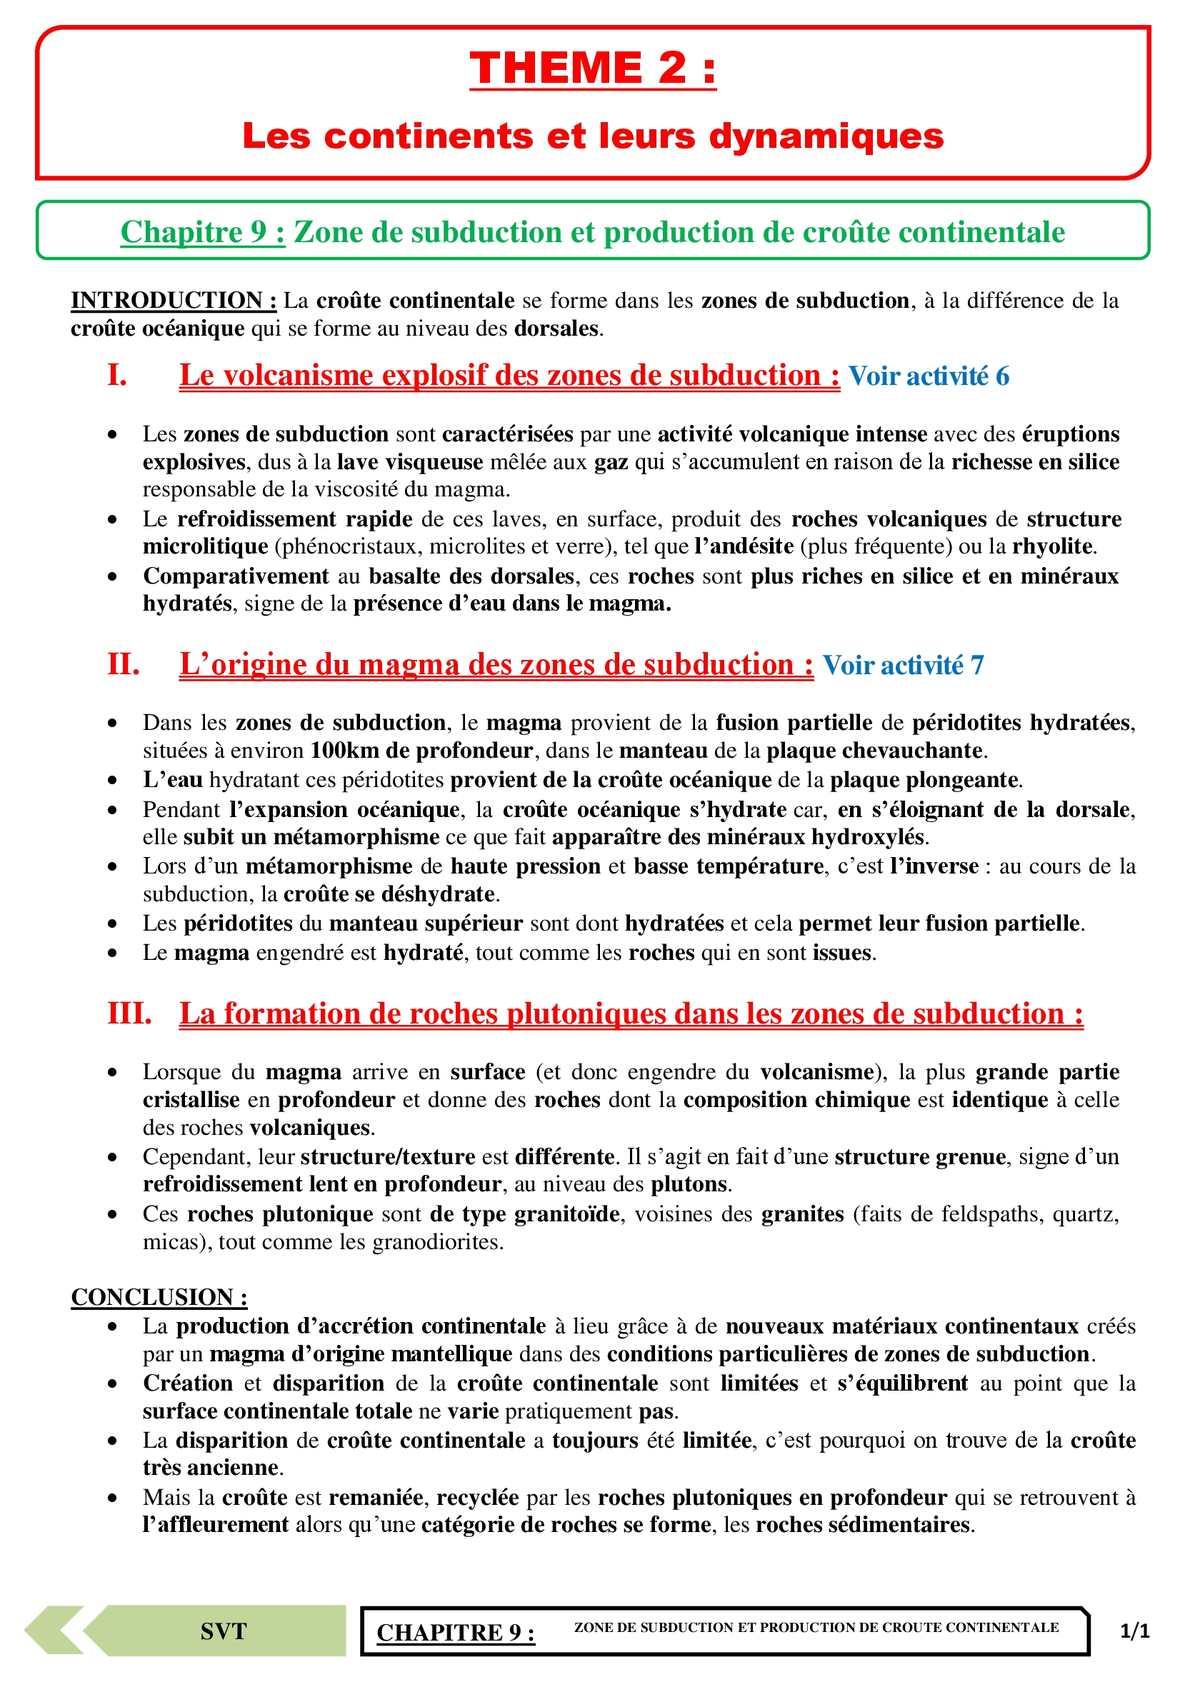 TS - SVT - Chapitre 9 | JéSky.fr